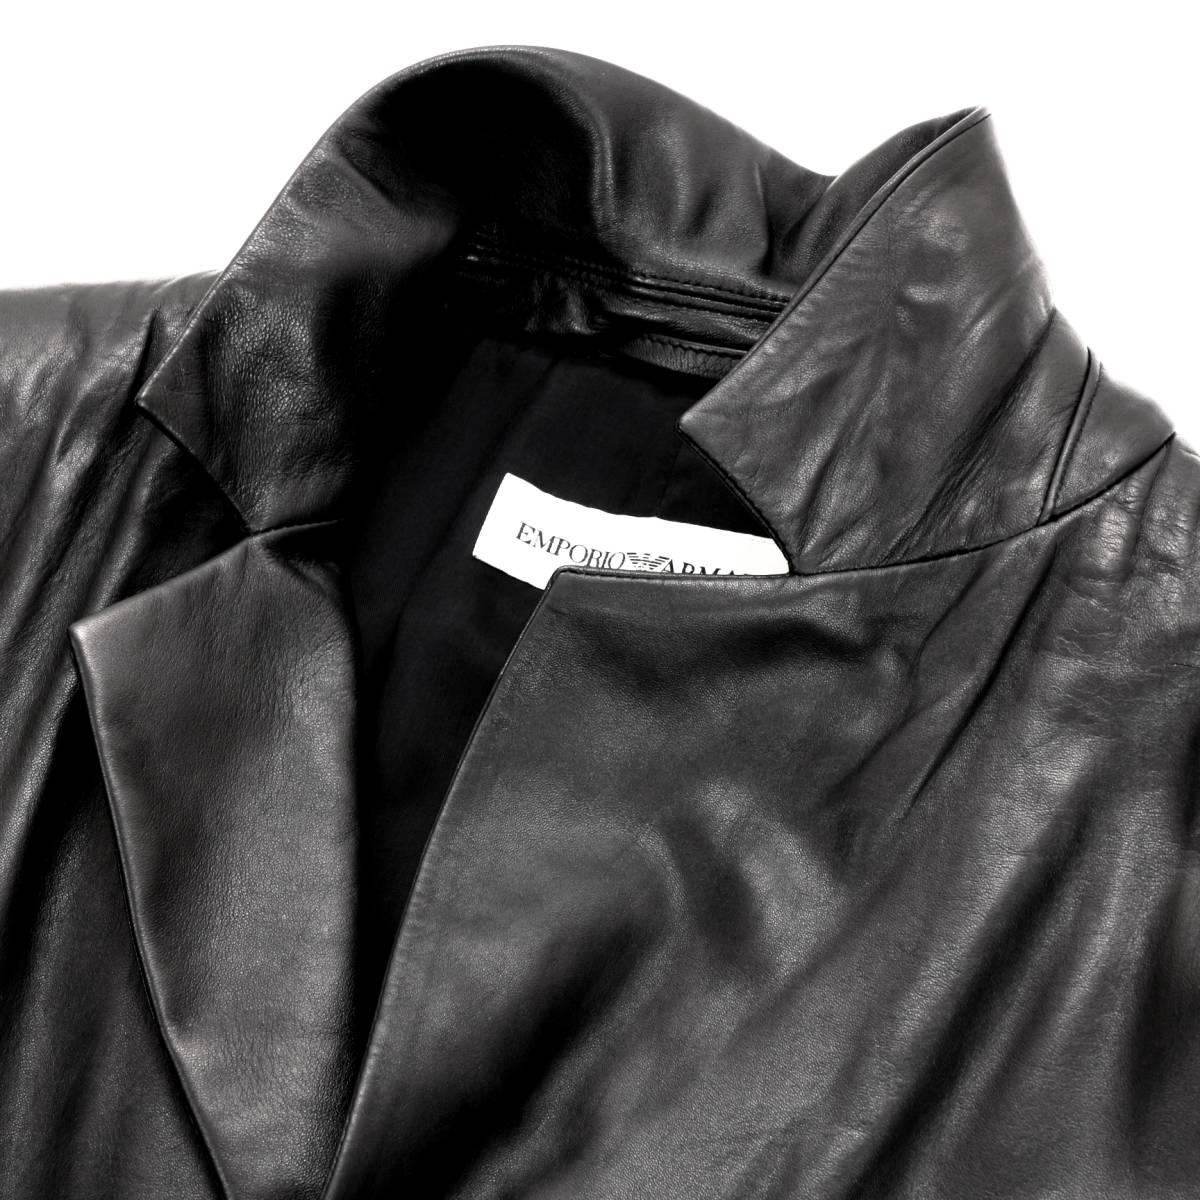 定価30万「ARMANI/アルマーニ」とろける手触りの極上羊革を贅沢に使用した!圧倒的オーラ漂う◎ 大人のレザージャケット 黒 50 XL程度_画像6